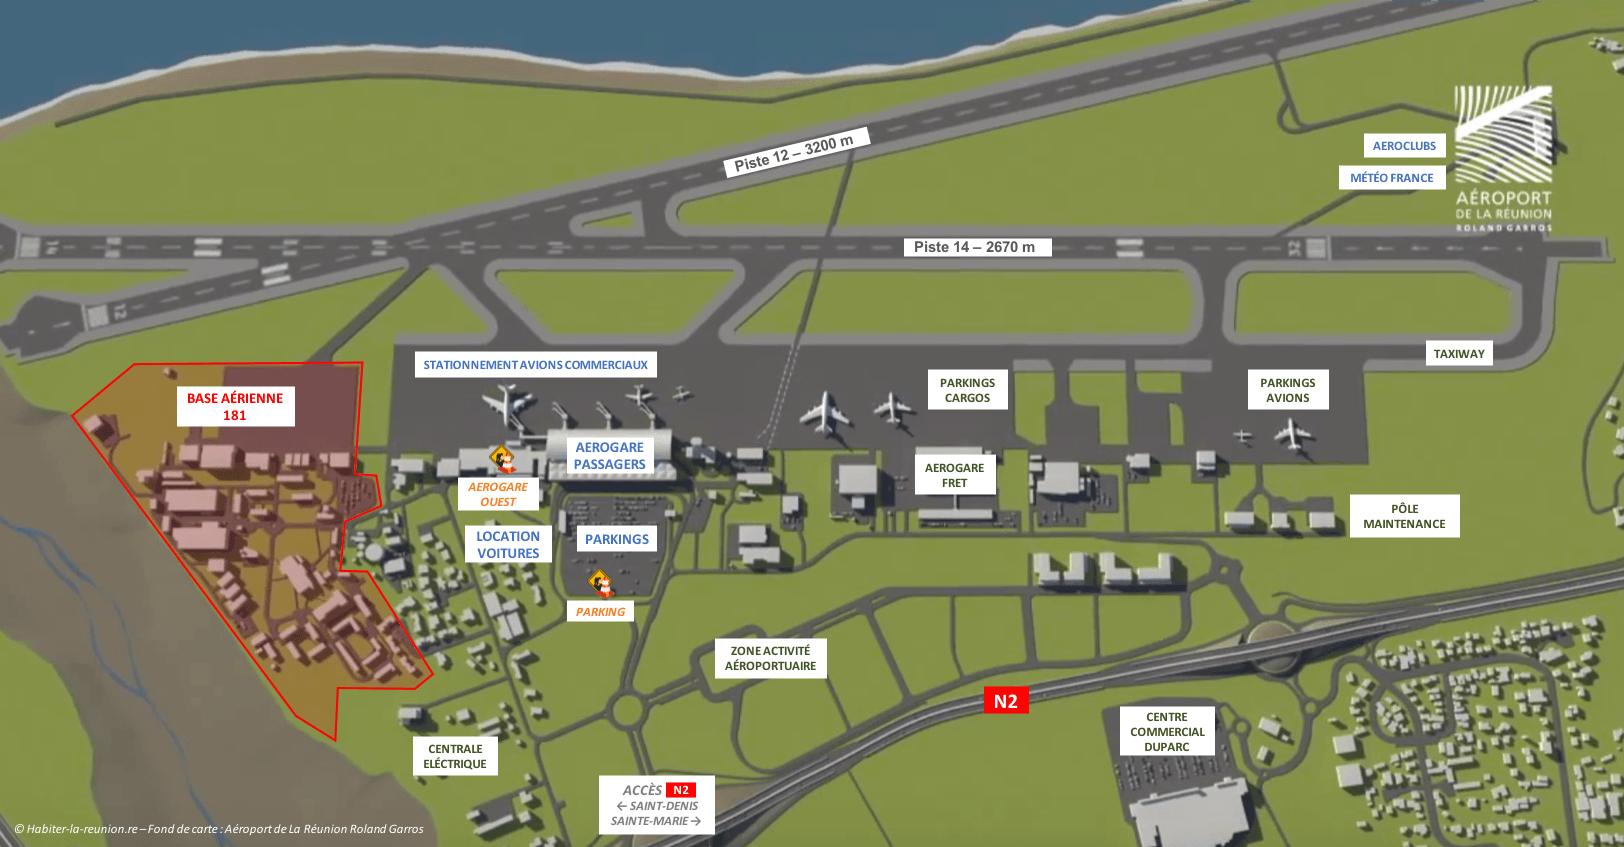 Aéroport De La Réunion Roland Garros Habiter La Réunion